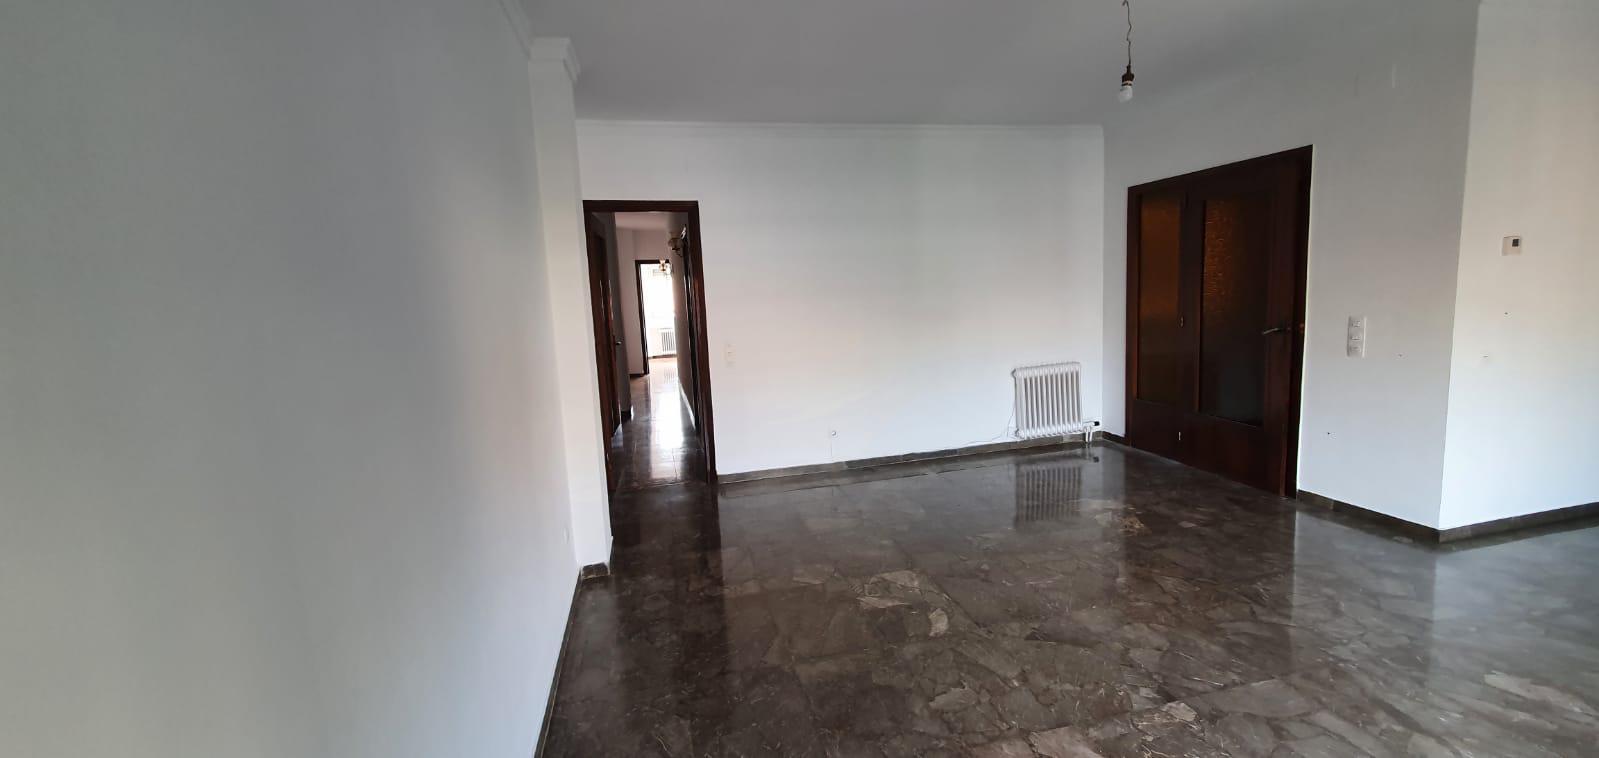 Imagen 4 Piso en venta en Sabadell / Creu Alta junto a estación FGC